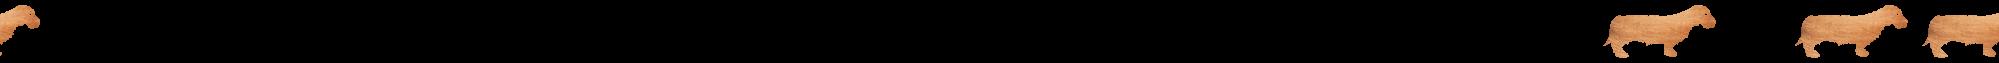 crambambuli-reihe-laufend